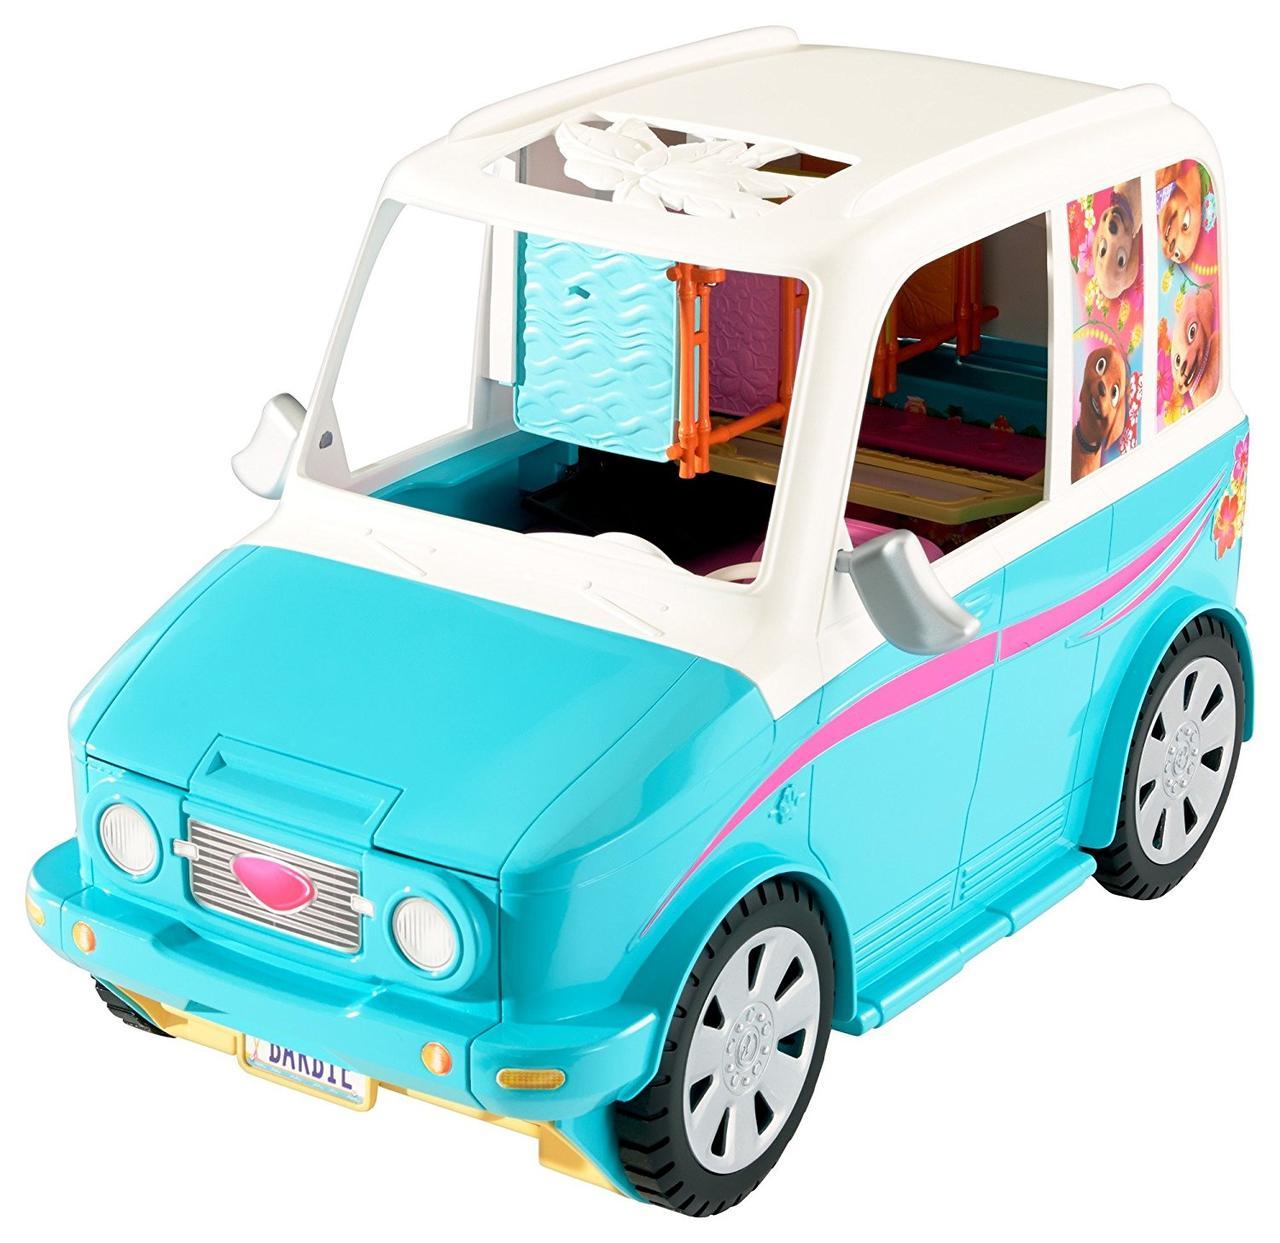 Барби Раскладной фургон  Мобильный автобус для щенков Barbie Ultimate Puppy Mobile Vehicle